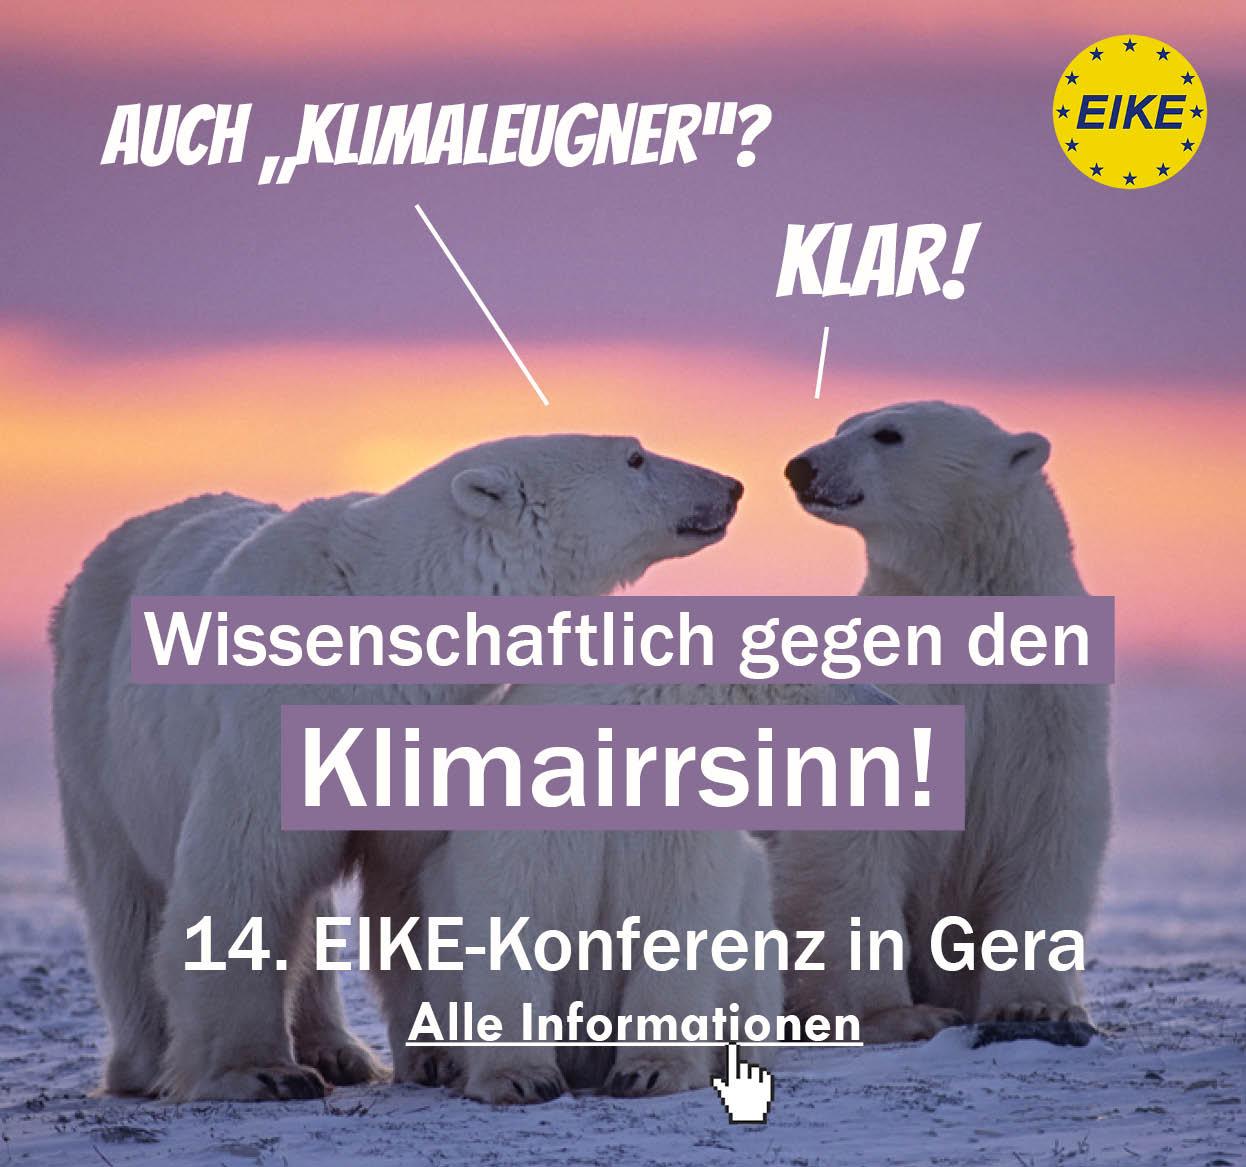 EIKE-Konferenz Wissenschaftlich gegen den Klimairrsinn!